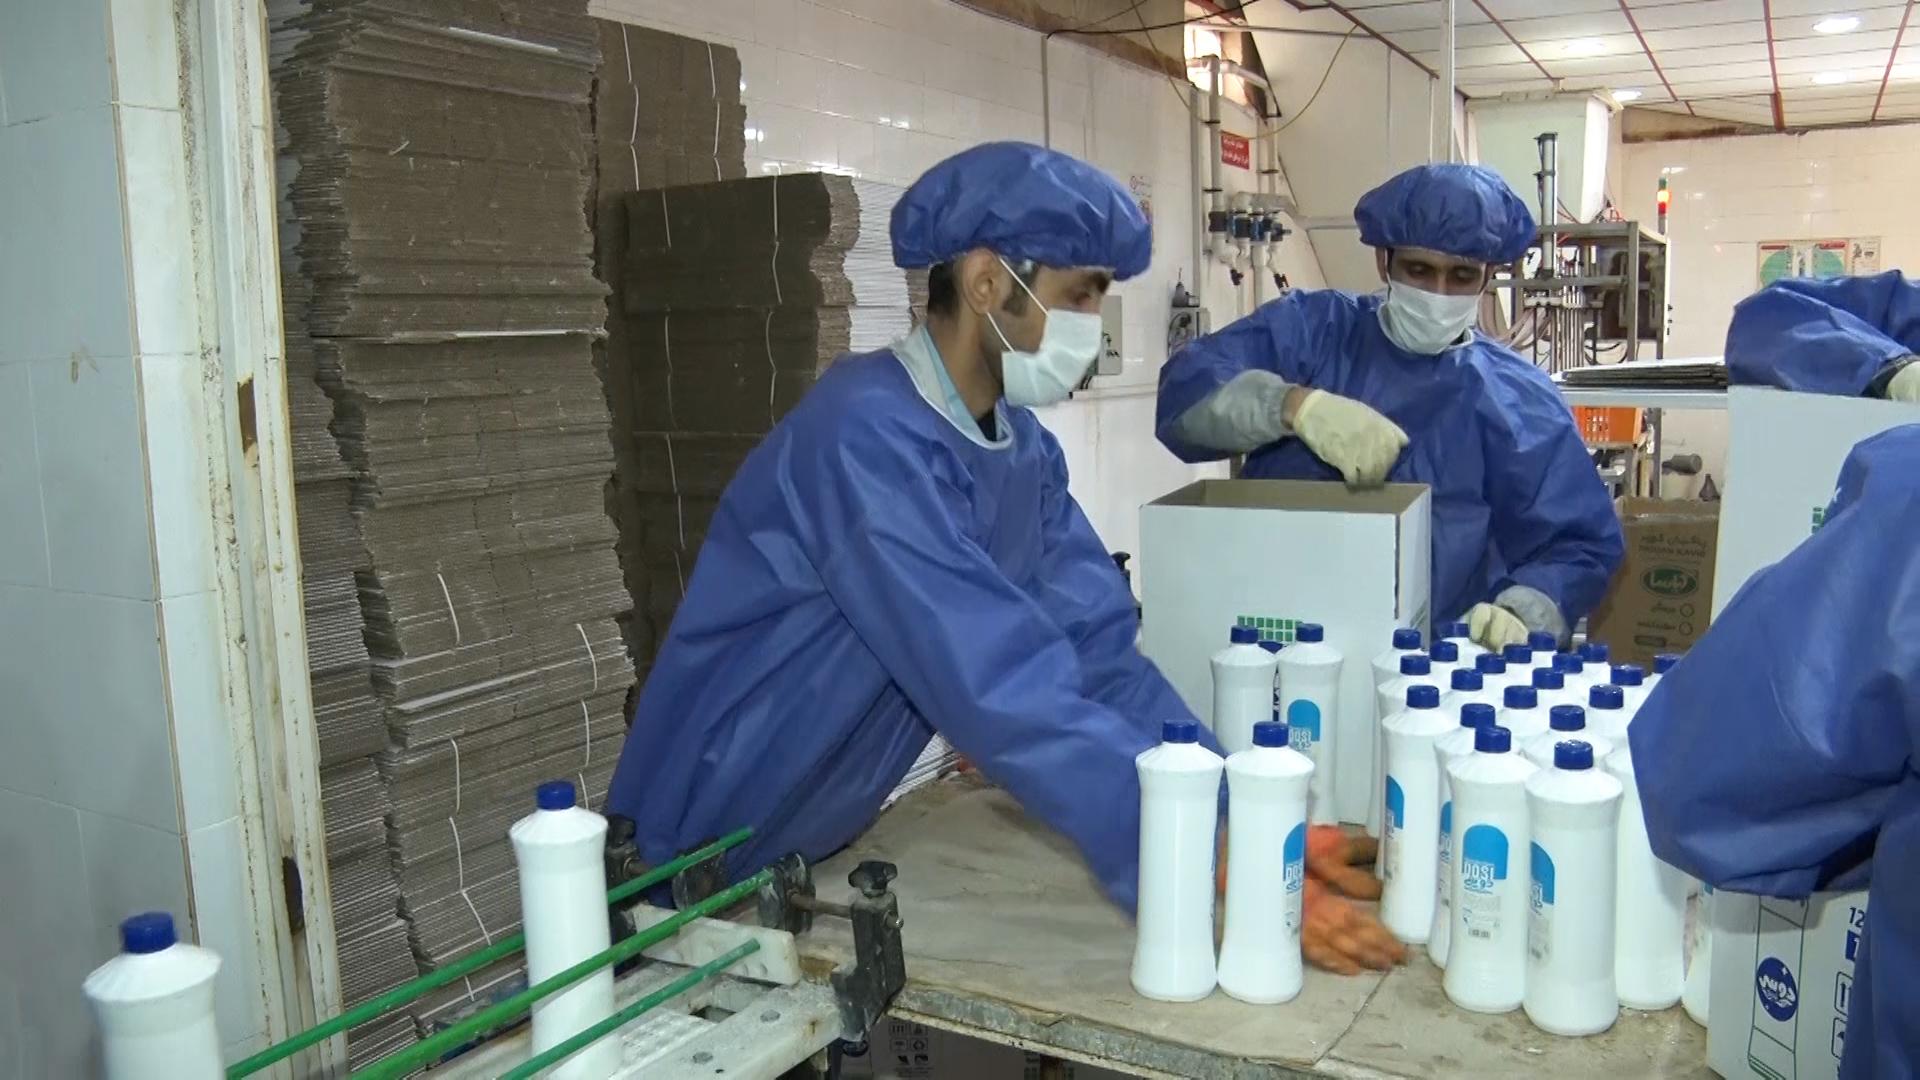 تولید ضدعفونیکننده بدون الکل در کاشان